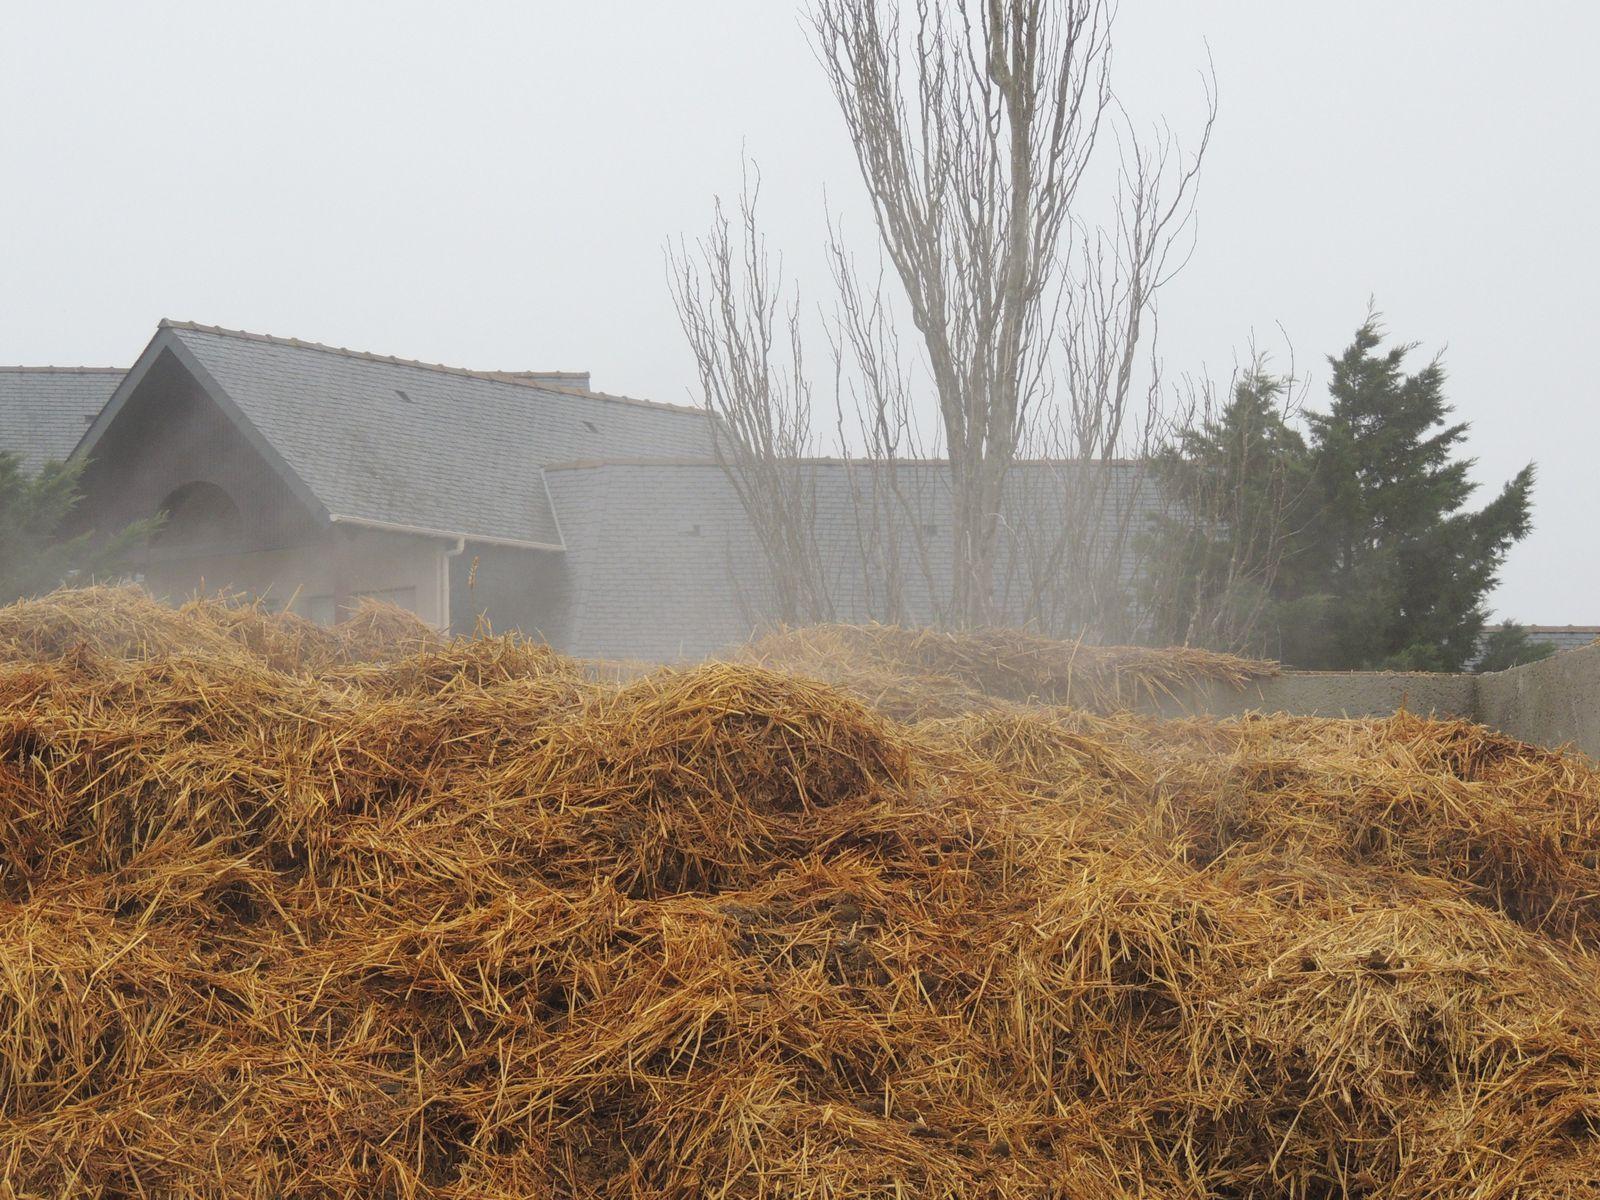 Tas de fumier qui fume en hiver. Techniques d'élevage. Nantes. Image soumise à droits d'auteur.